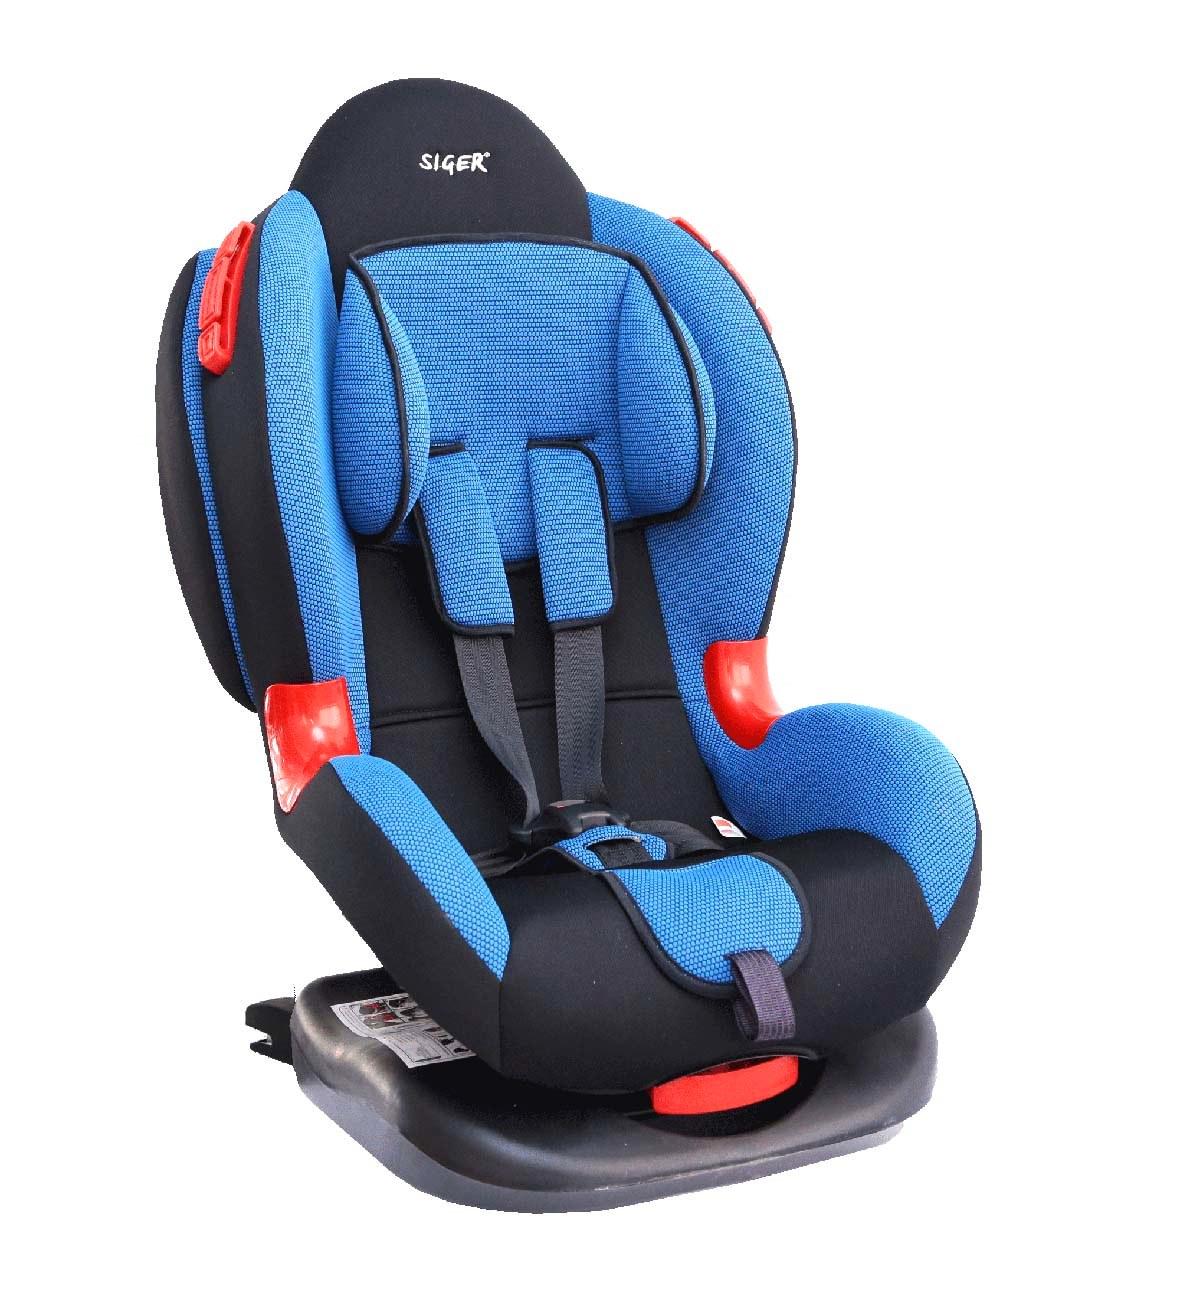 Детское автомобильное кресло Siger КОКОН isofix КРЕС0120 siger кокон isofix красное